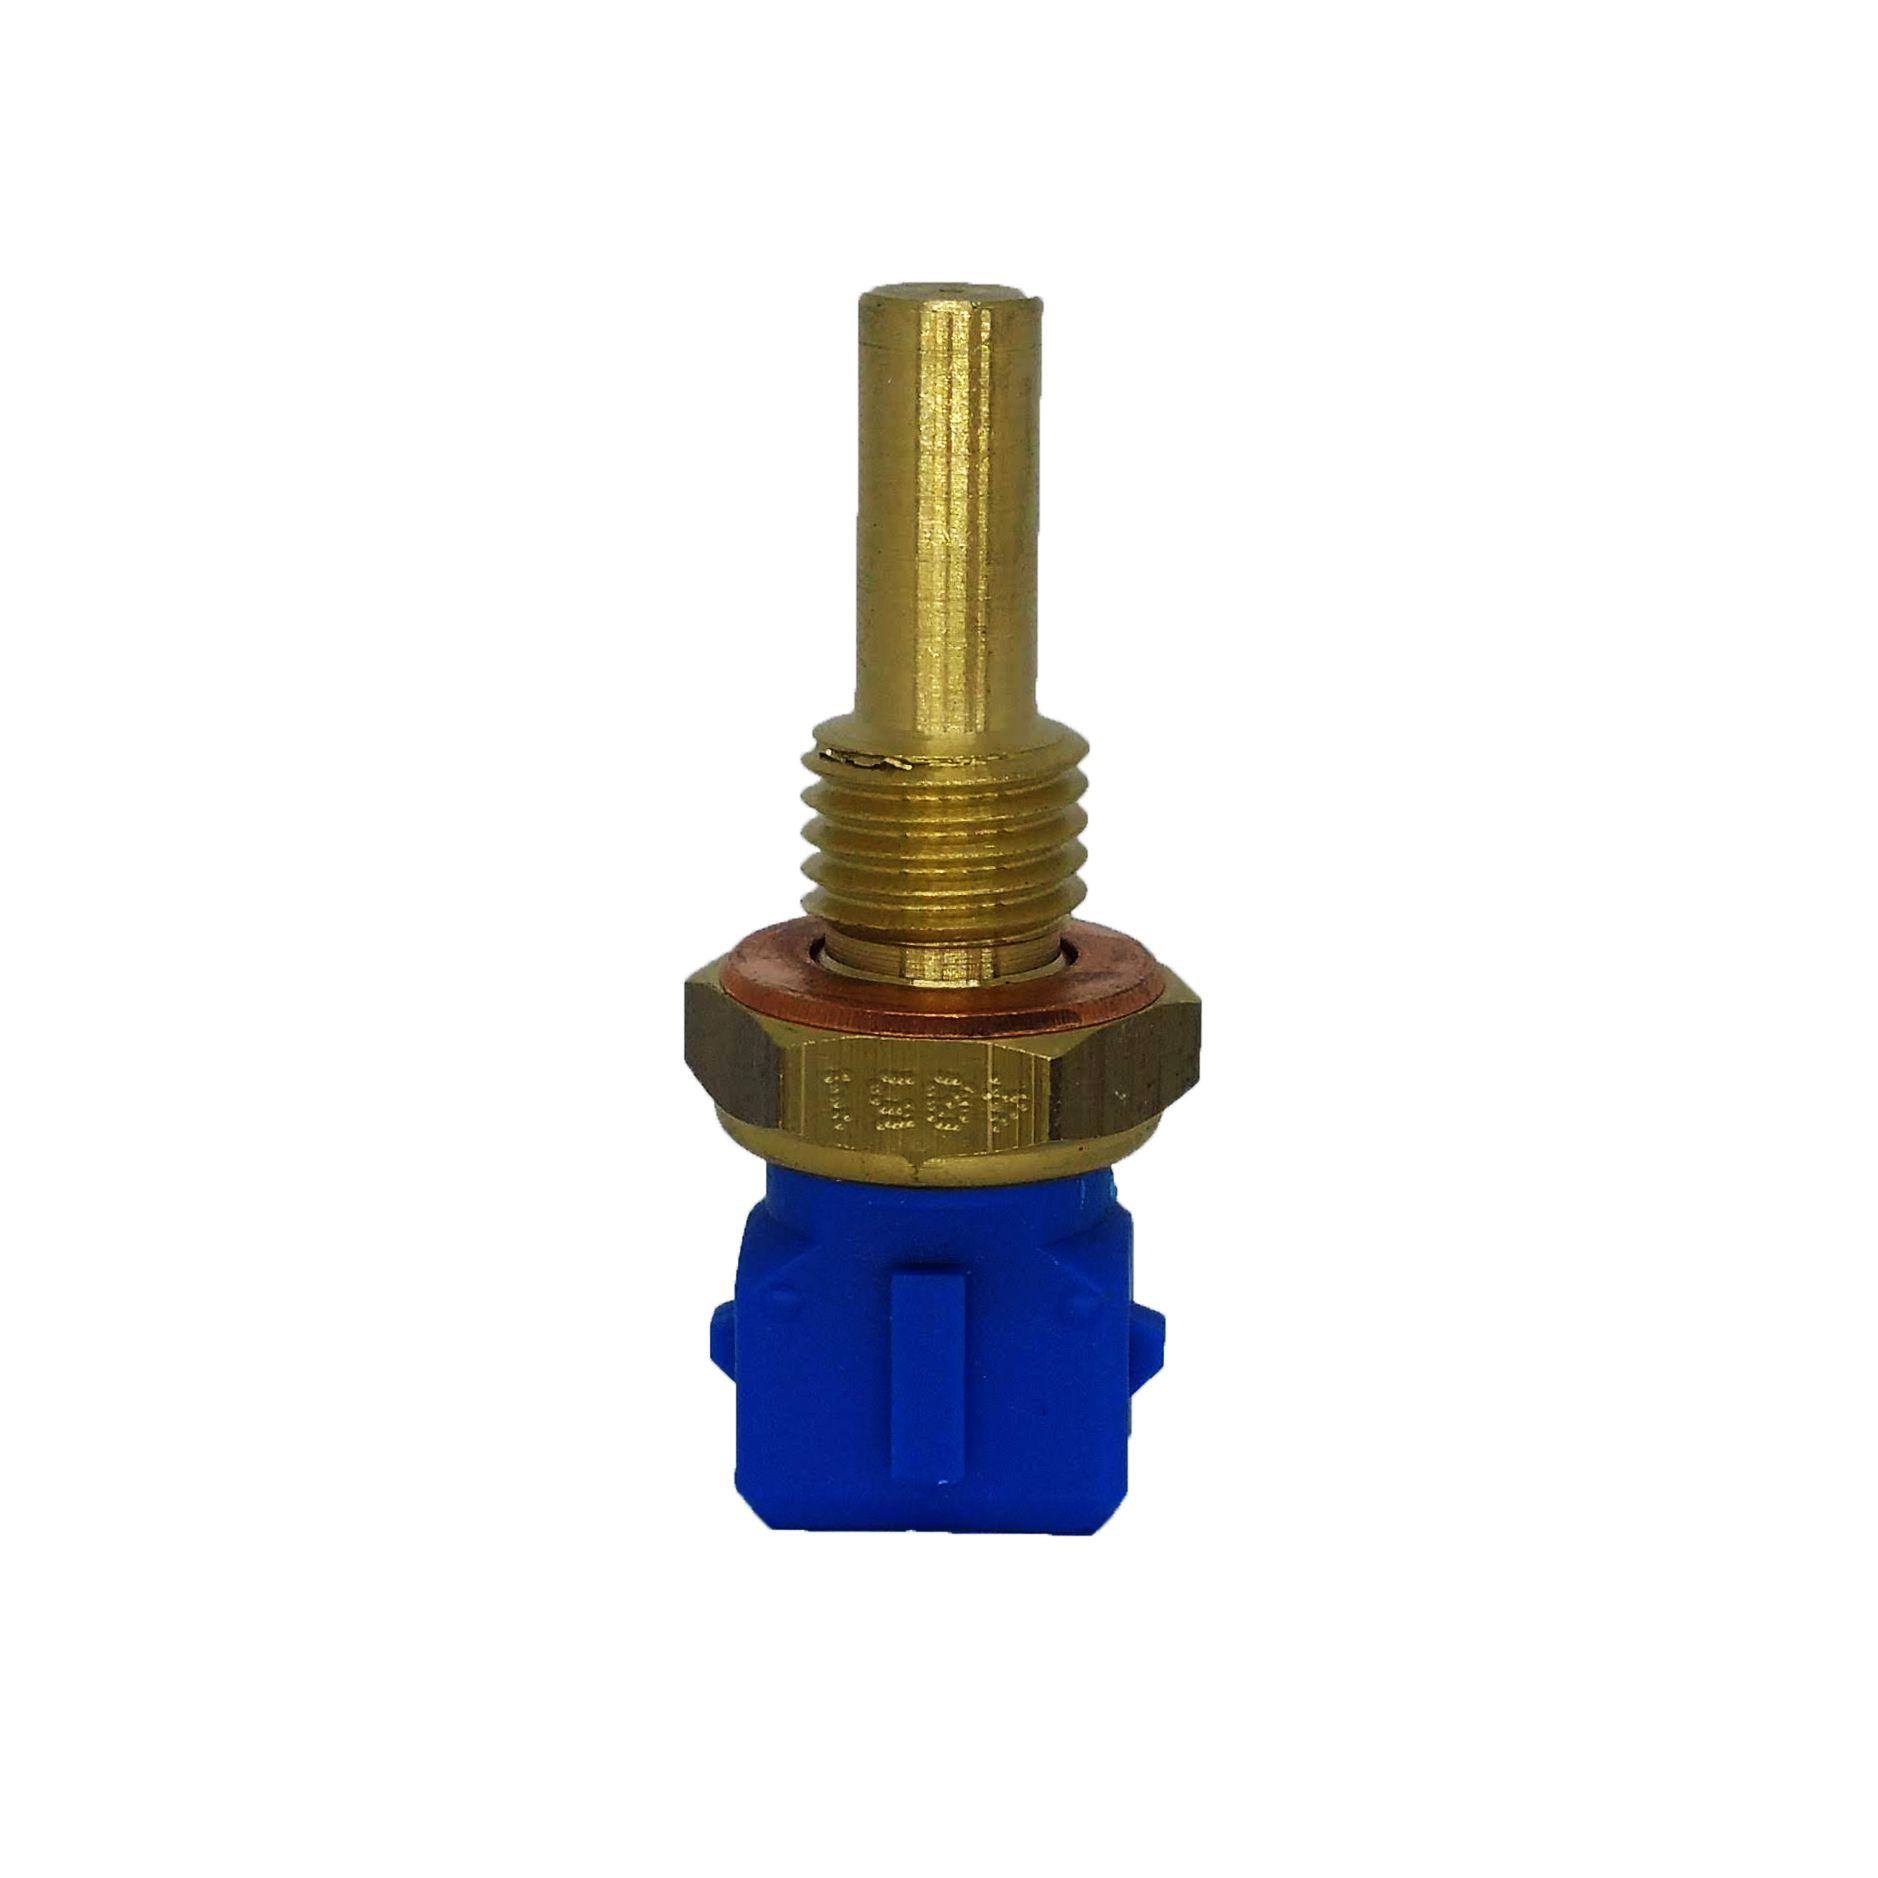 Sensor temperatura azul (plug eletronico) mte gm, fiat astra, corsa, s10, vectra, zafira marea 2.0 uno turbo